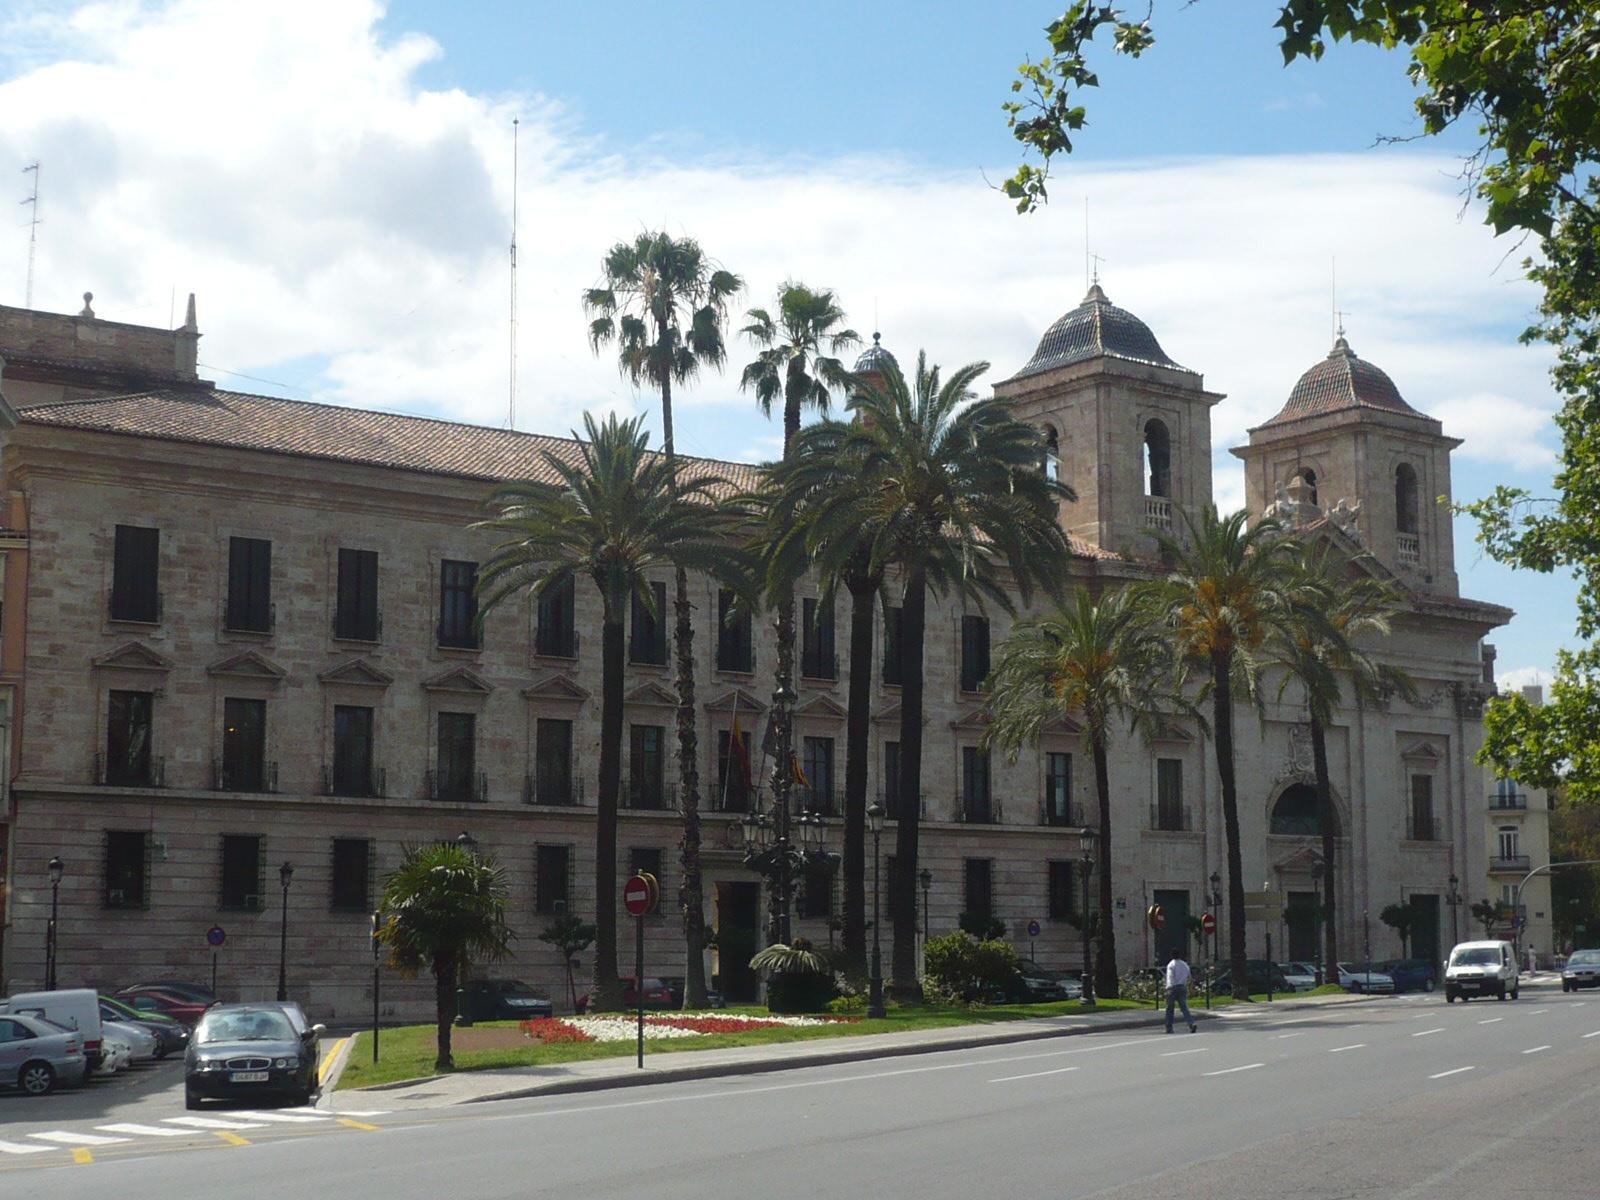 Palacio Monasterio del temple